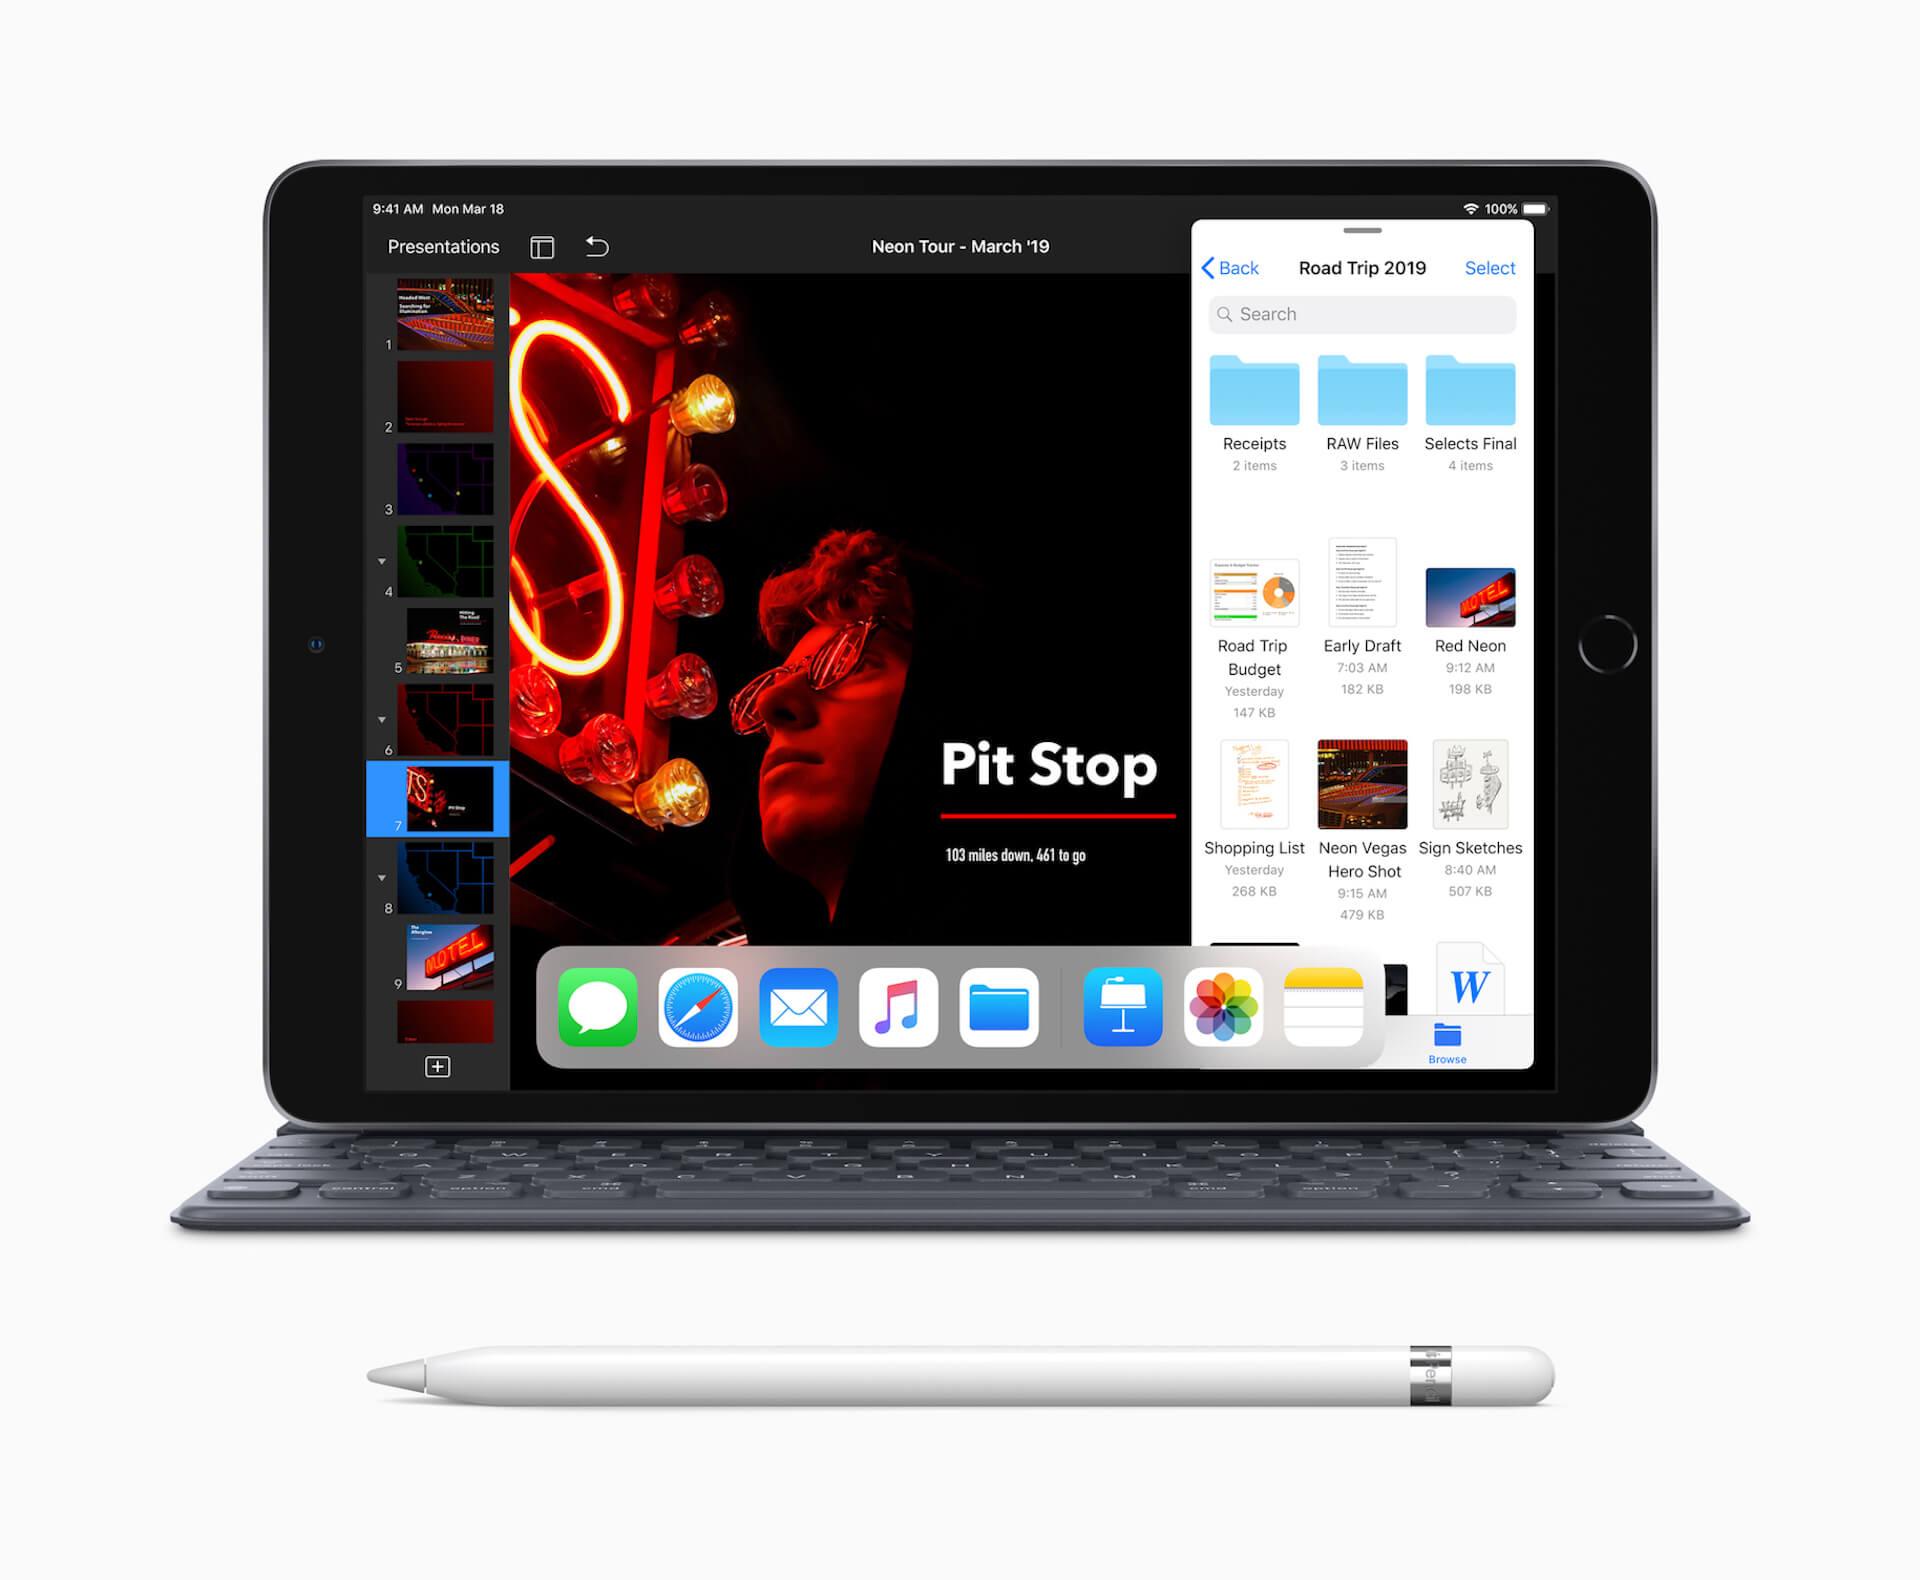 2020年中に新型iPad Air&23インチiMacが登場!?iPad Airはスクリーン上のTouch IDも搭載か tech200422_ipad_imac_main